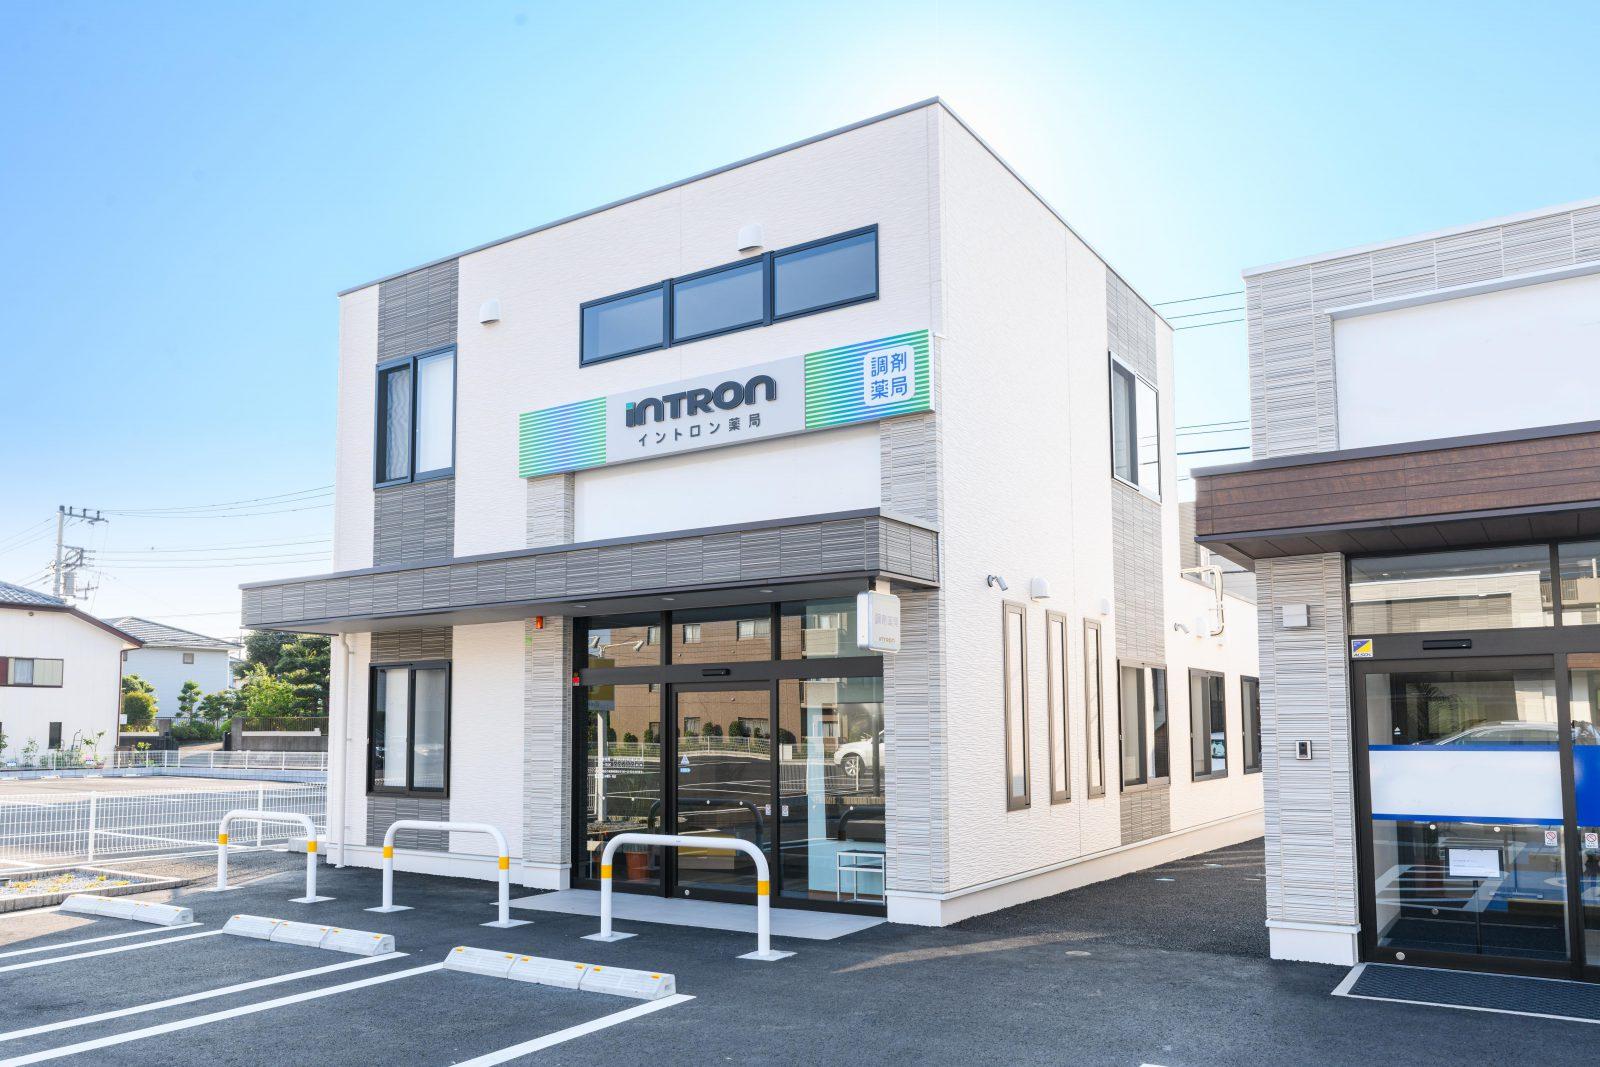 イントロン薬局 松戸店